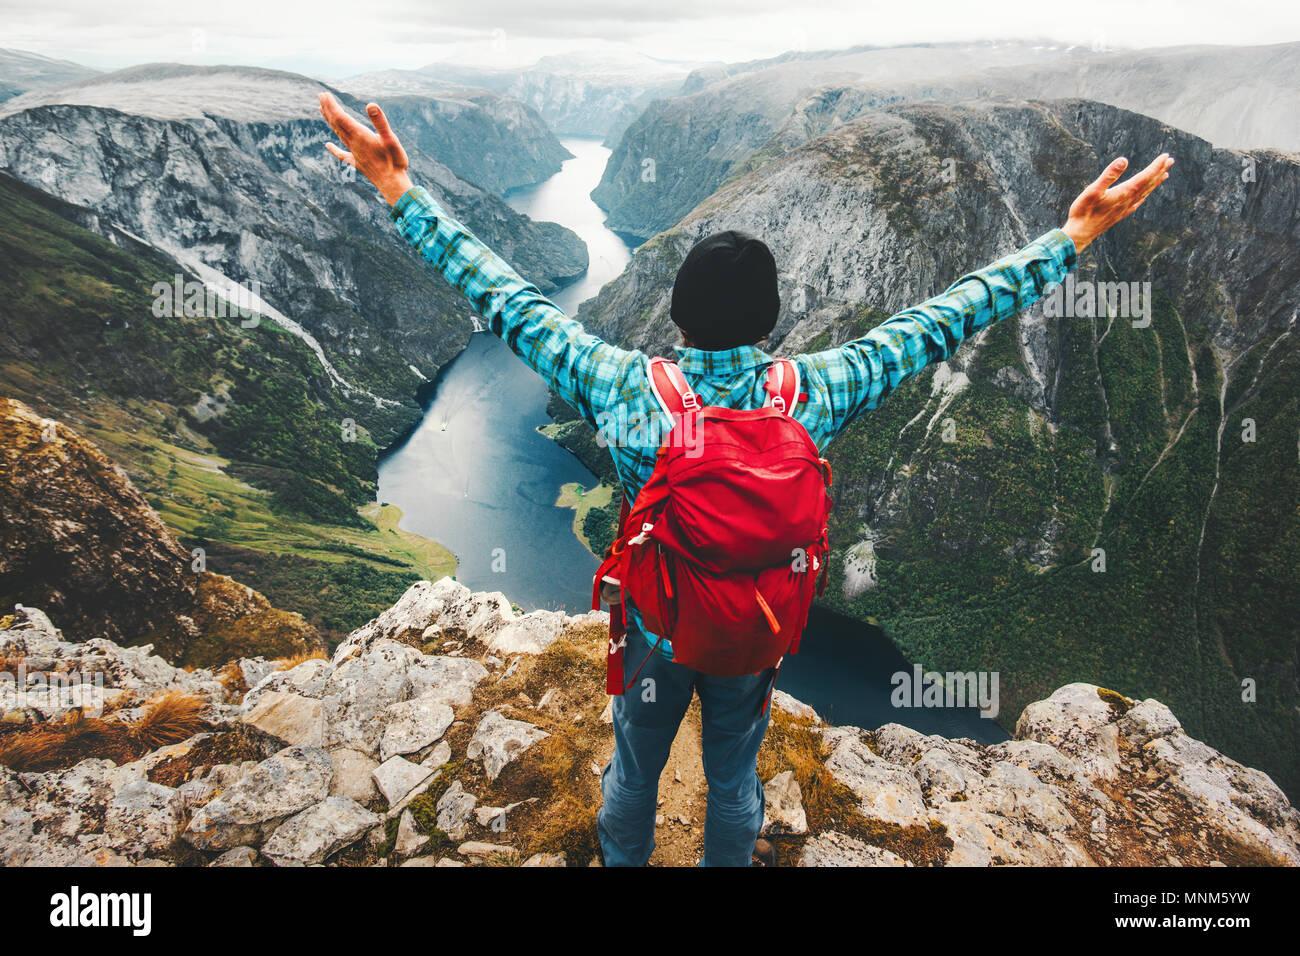 Meilleur homme sur le sommet de la montagne succès soulevé mains healthy lifestyle Travel vacances d'aventure au-dessus de Naeroyfjord en Norvège Banque D'Images